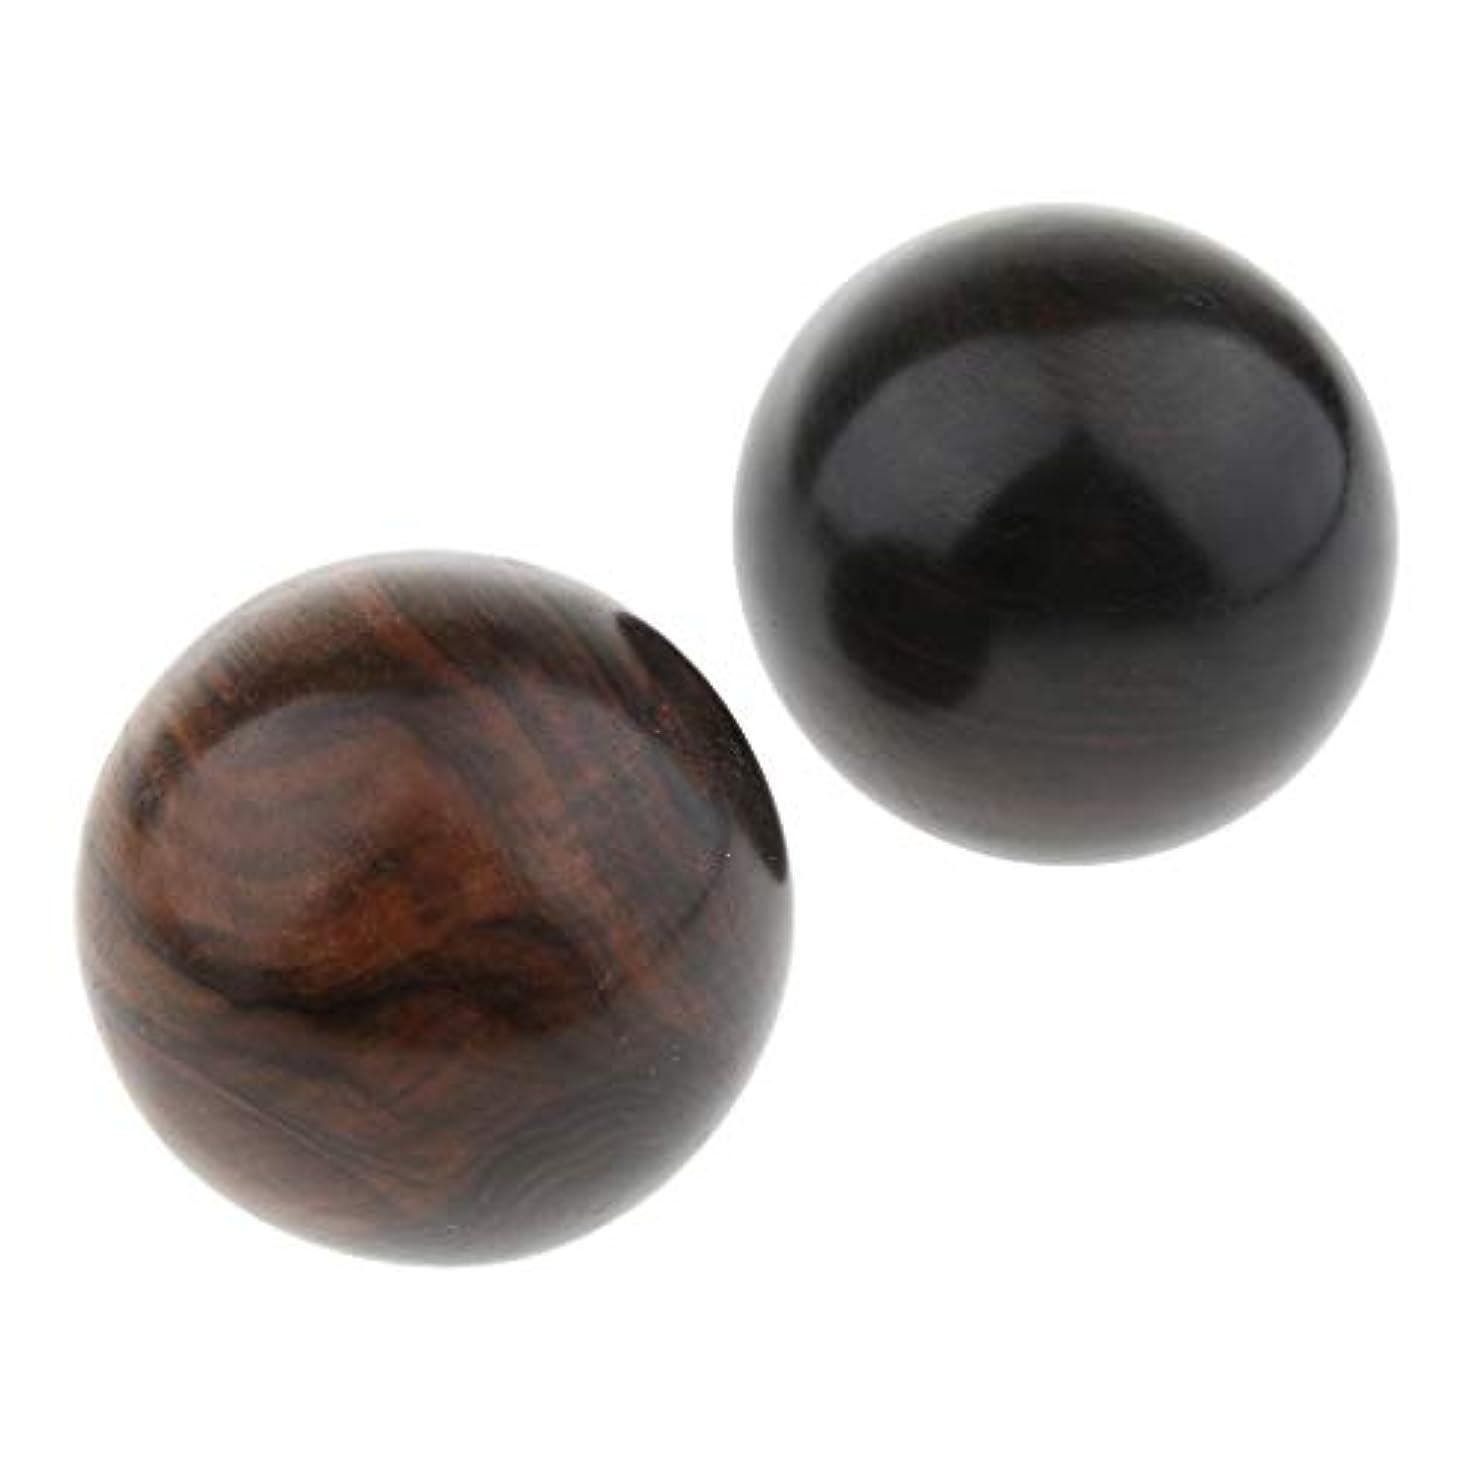 興奮するドリンク勤勉Baoblaze ハンドボール マッサージボール 木製 ストレス解消 運動 トリガーポイント 2個入